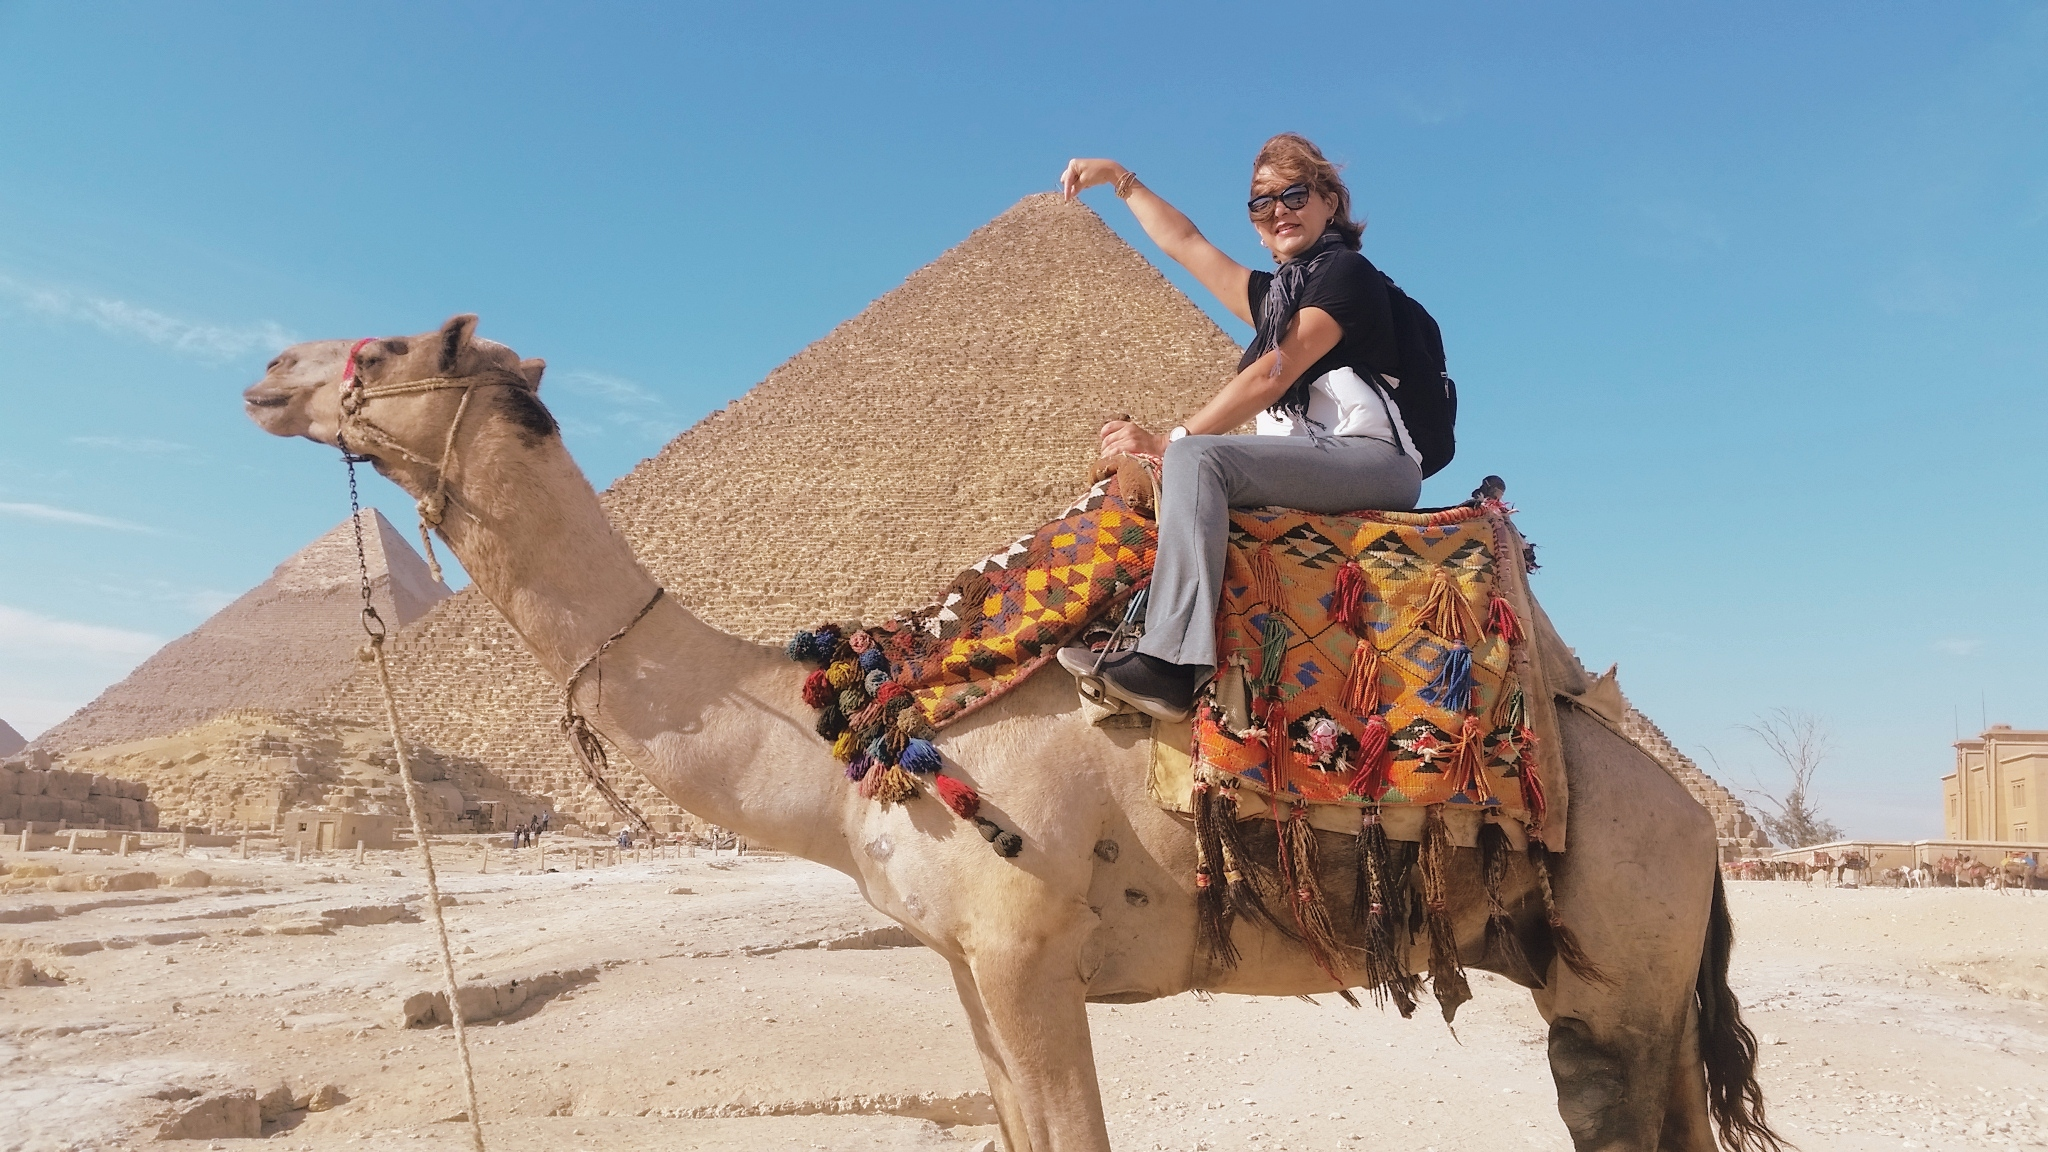 mulheres viajantes_woman trip_egito_mulher viagem sozinha_005